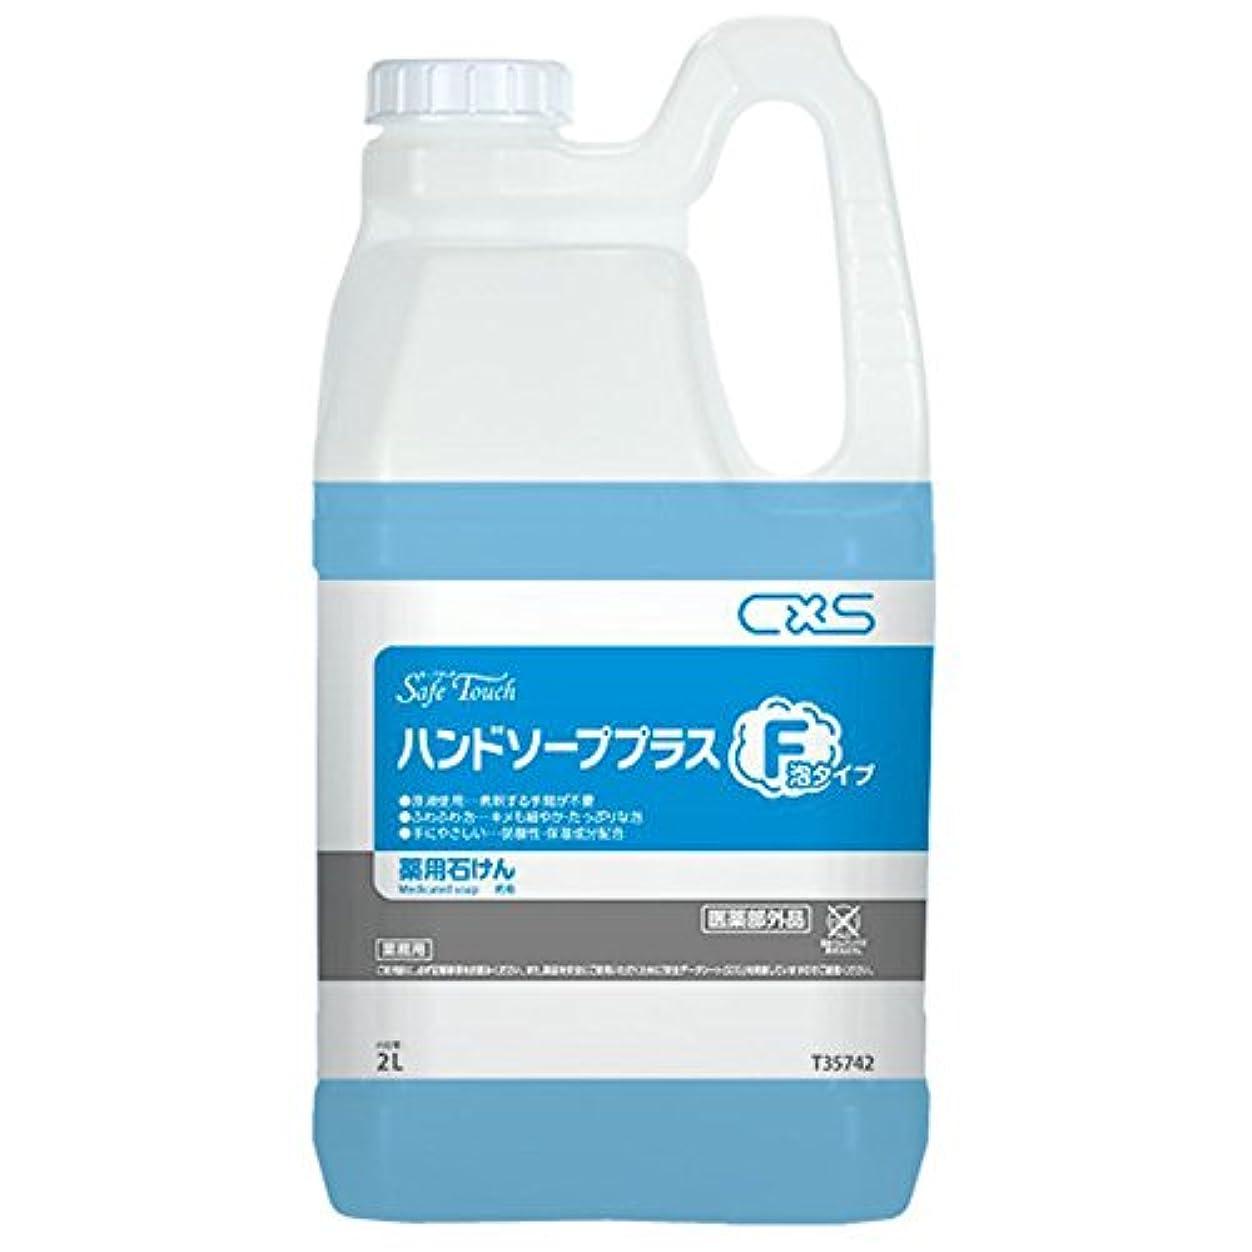 健康過半数箱シーバイエス(C×S) 殺菌?消毒用手洗い石けん セーフタッチハンドソーププラスF 2L